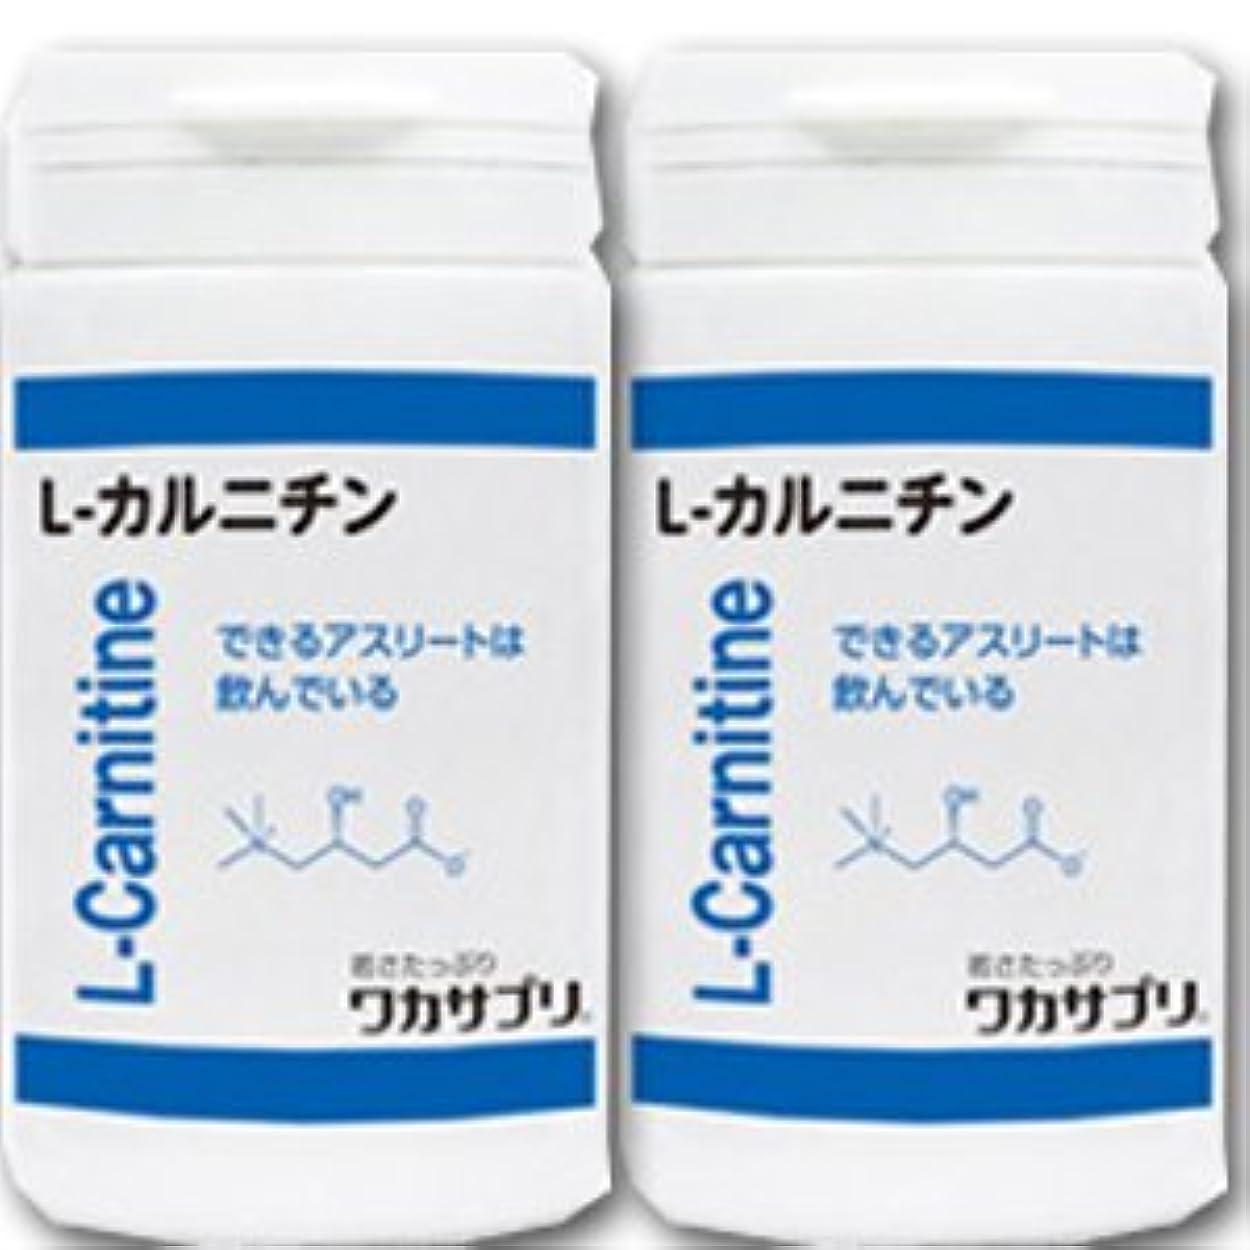 核北バッチ【2個】 ワカサプリ L-カルニチン 60粒x2個(4562137413703)